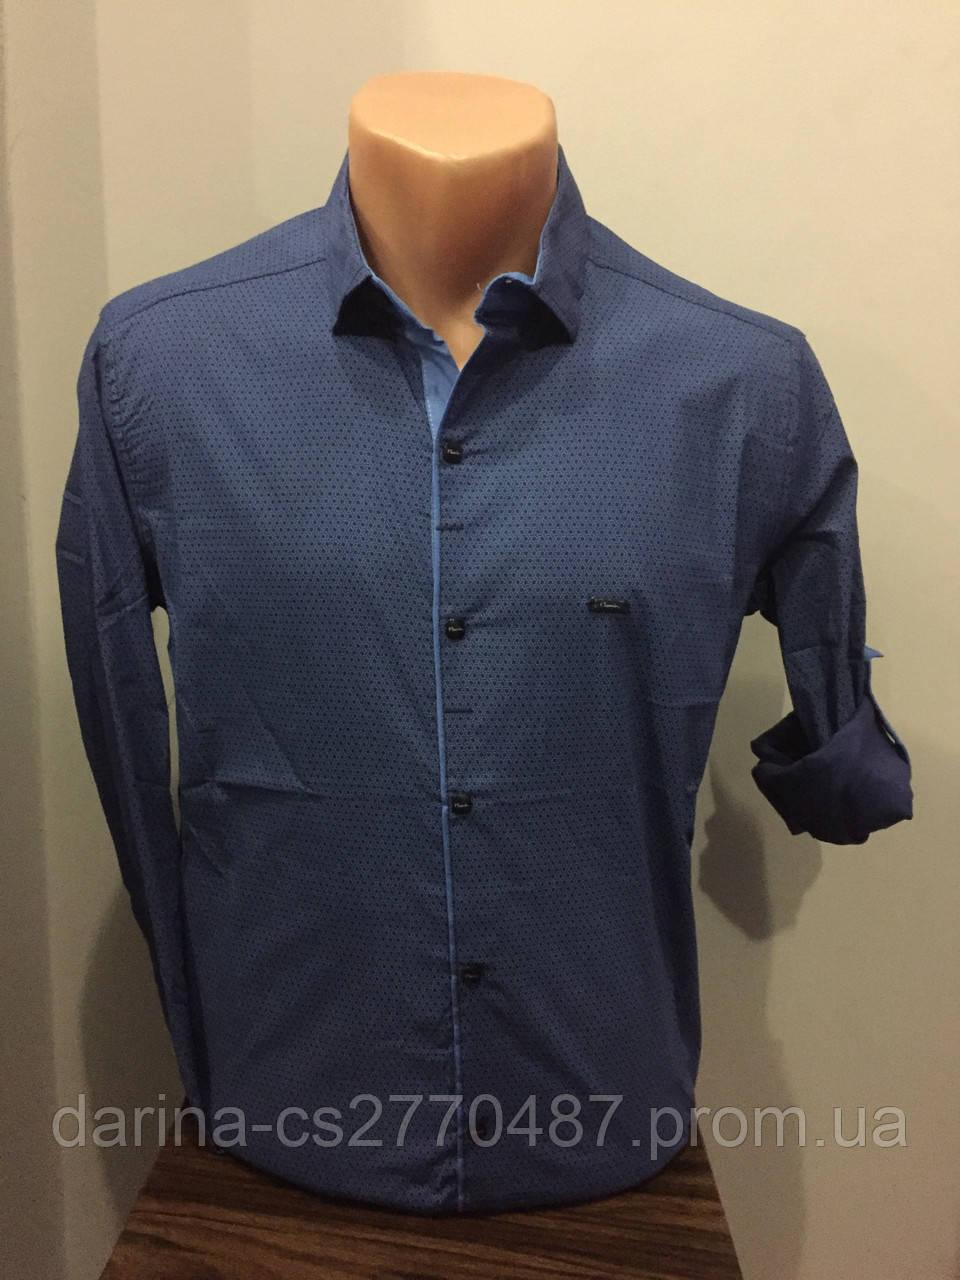 Стильная мужская рубашка на кнопках  продажа, цена в Запорожской ... 54a4d8eccbc